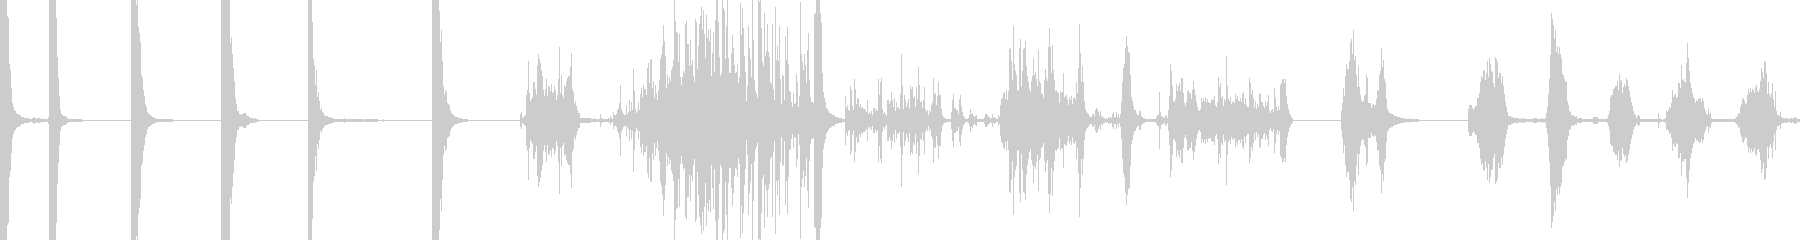 メタルバレルヒット、8テイク、バレ...の未再生の波形